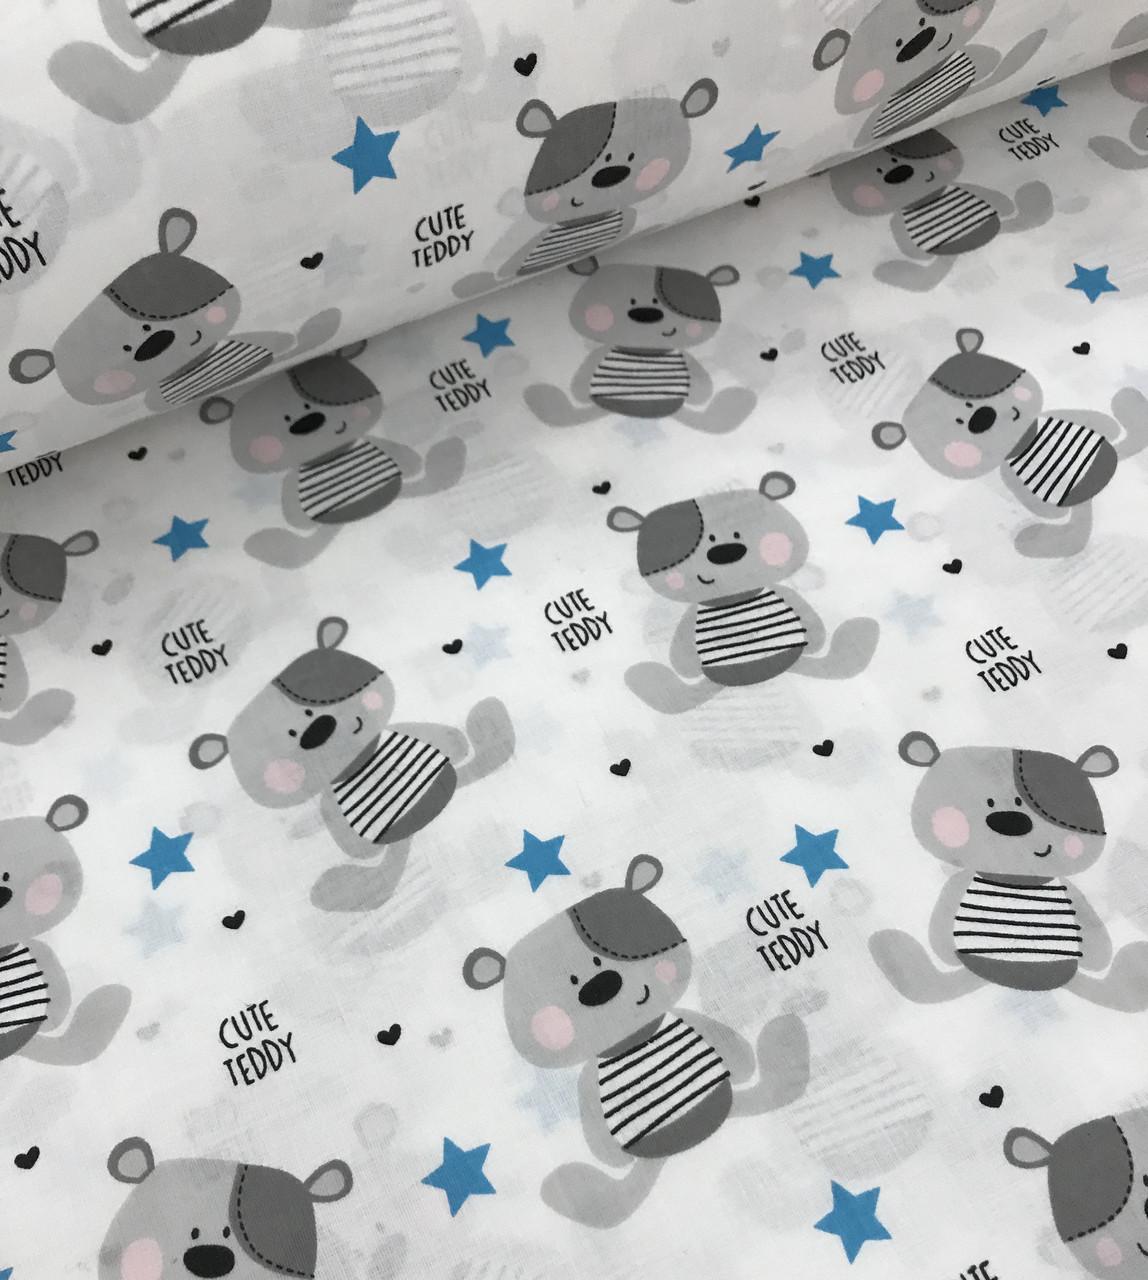 Хлопковая ткань польская серые мишки Тэдди с бирюзовыми звездами на белом